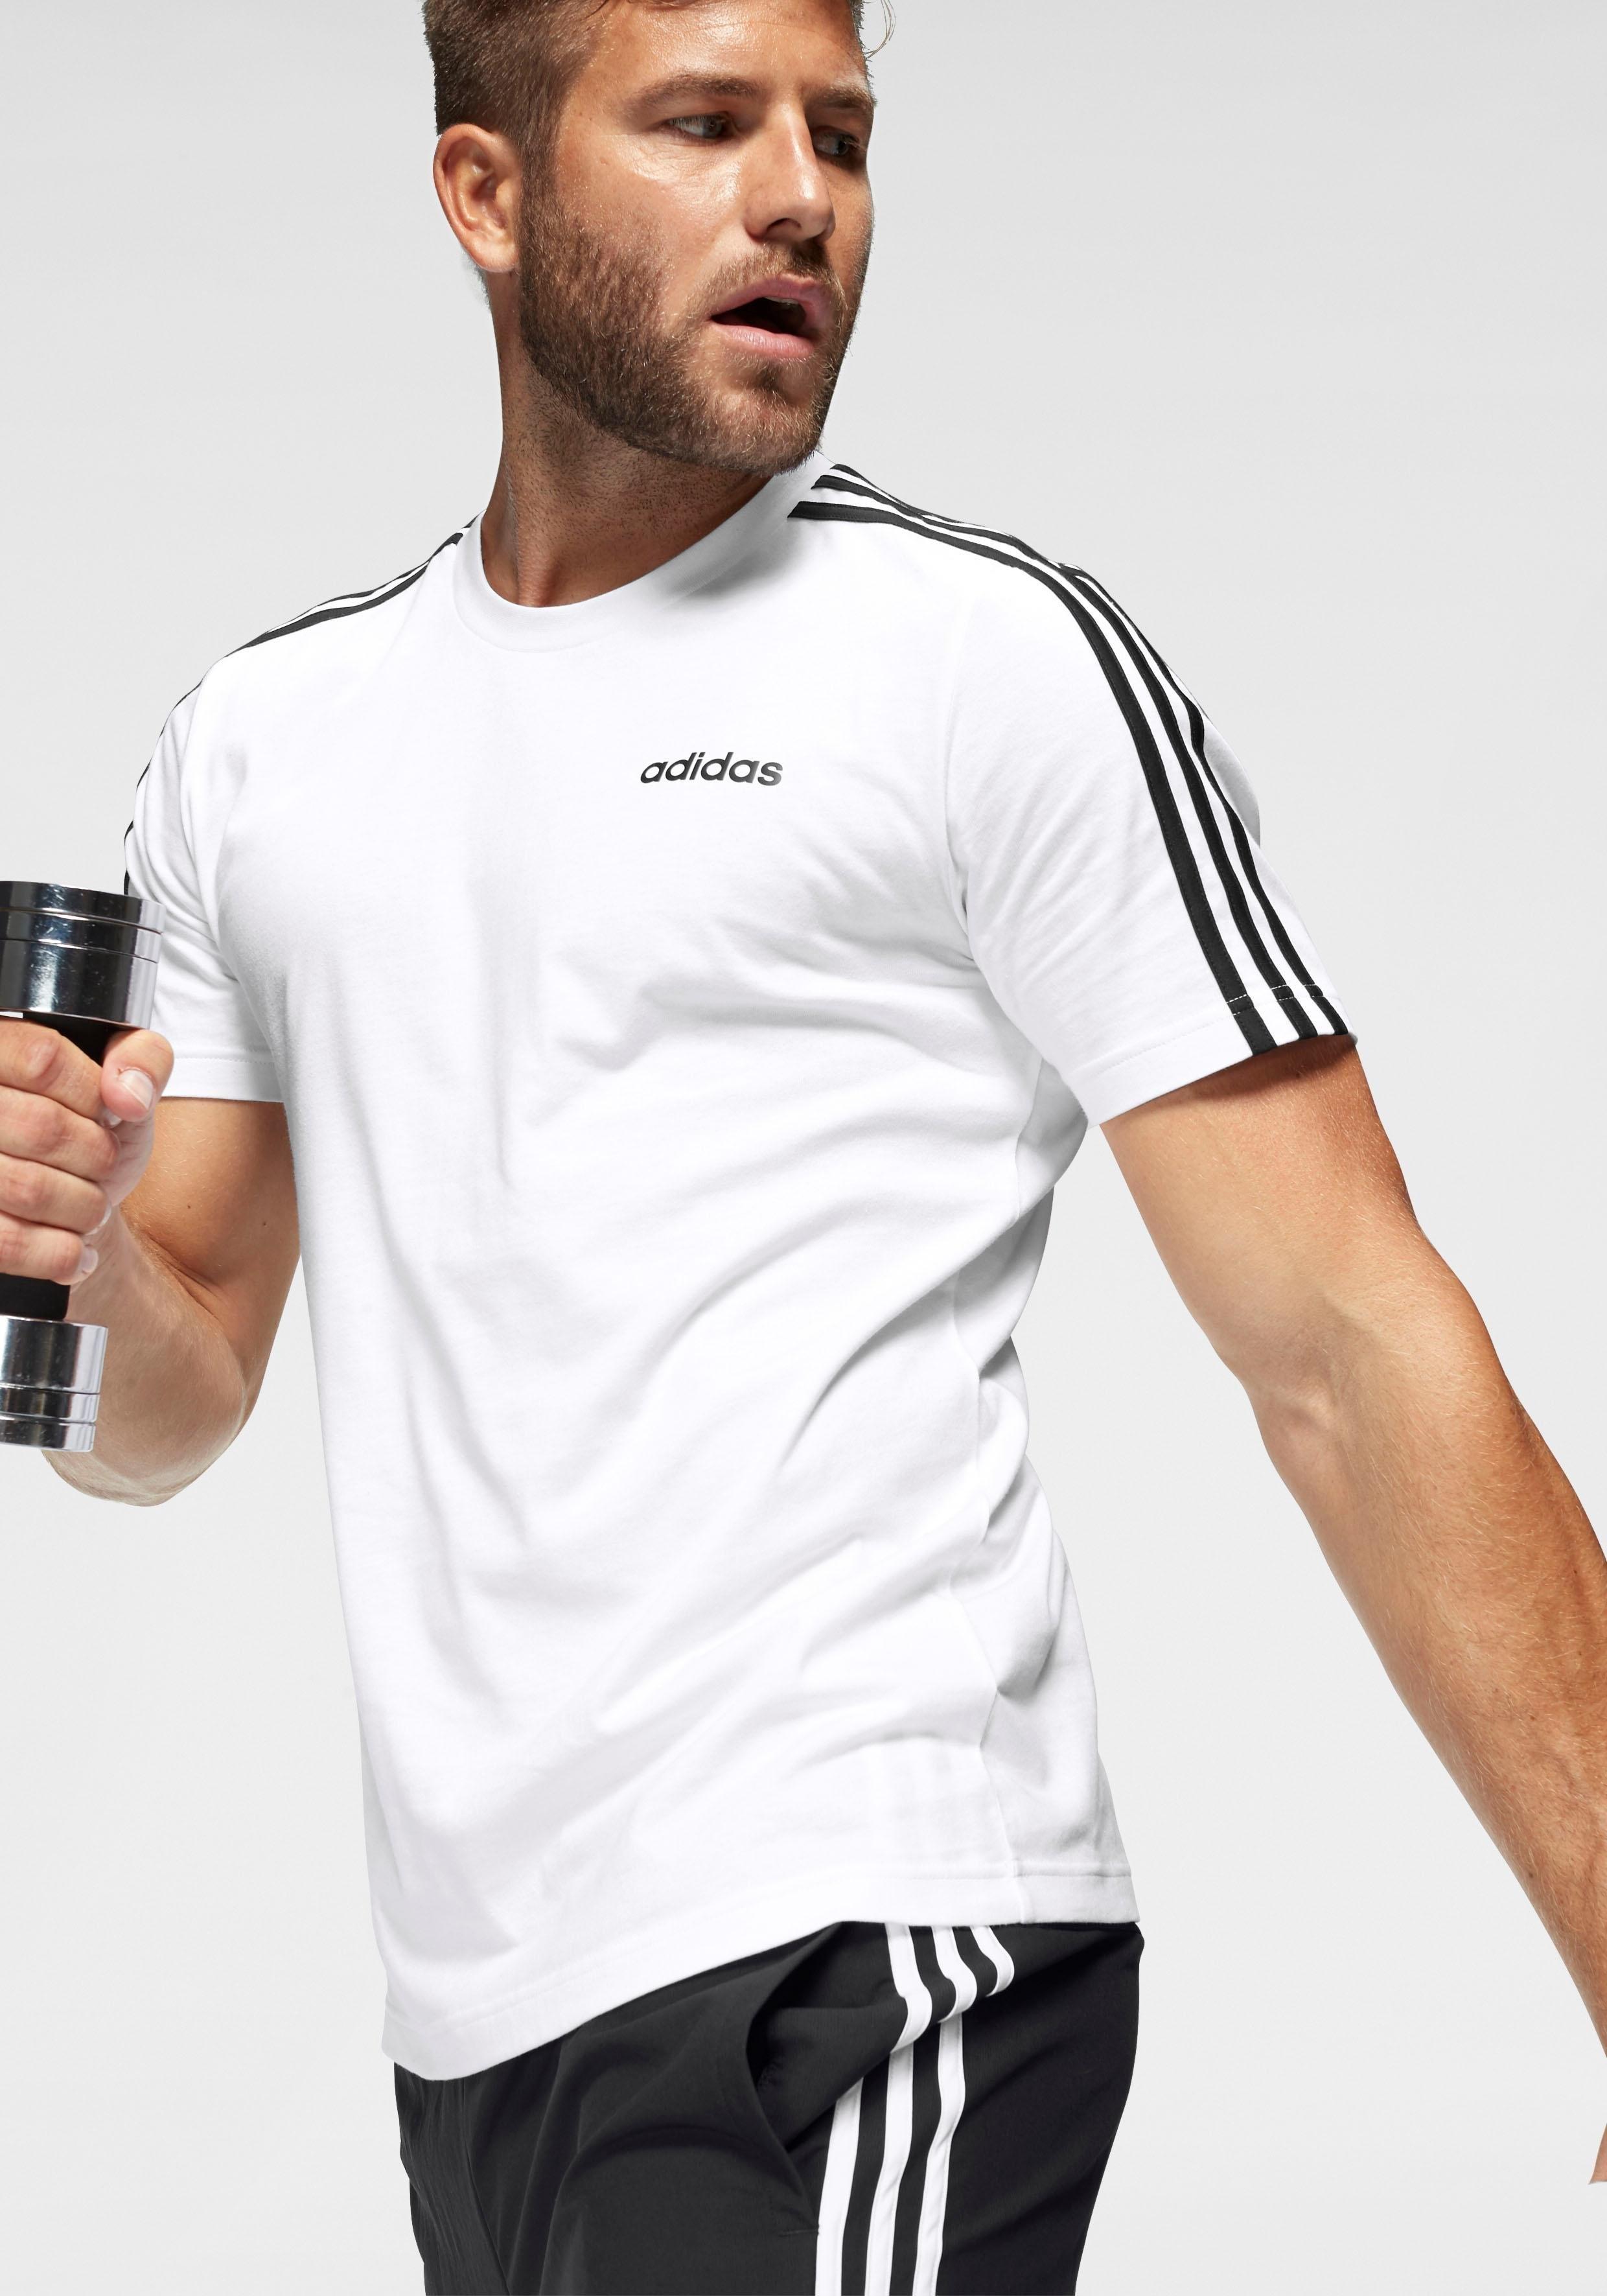 adidas Performance adidas T-shirt »ESSENTIALS 3 STRIPES TEE« voordelig en veilig online kopen